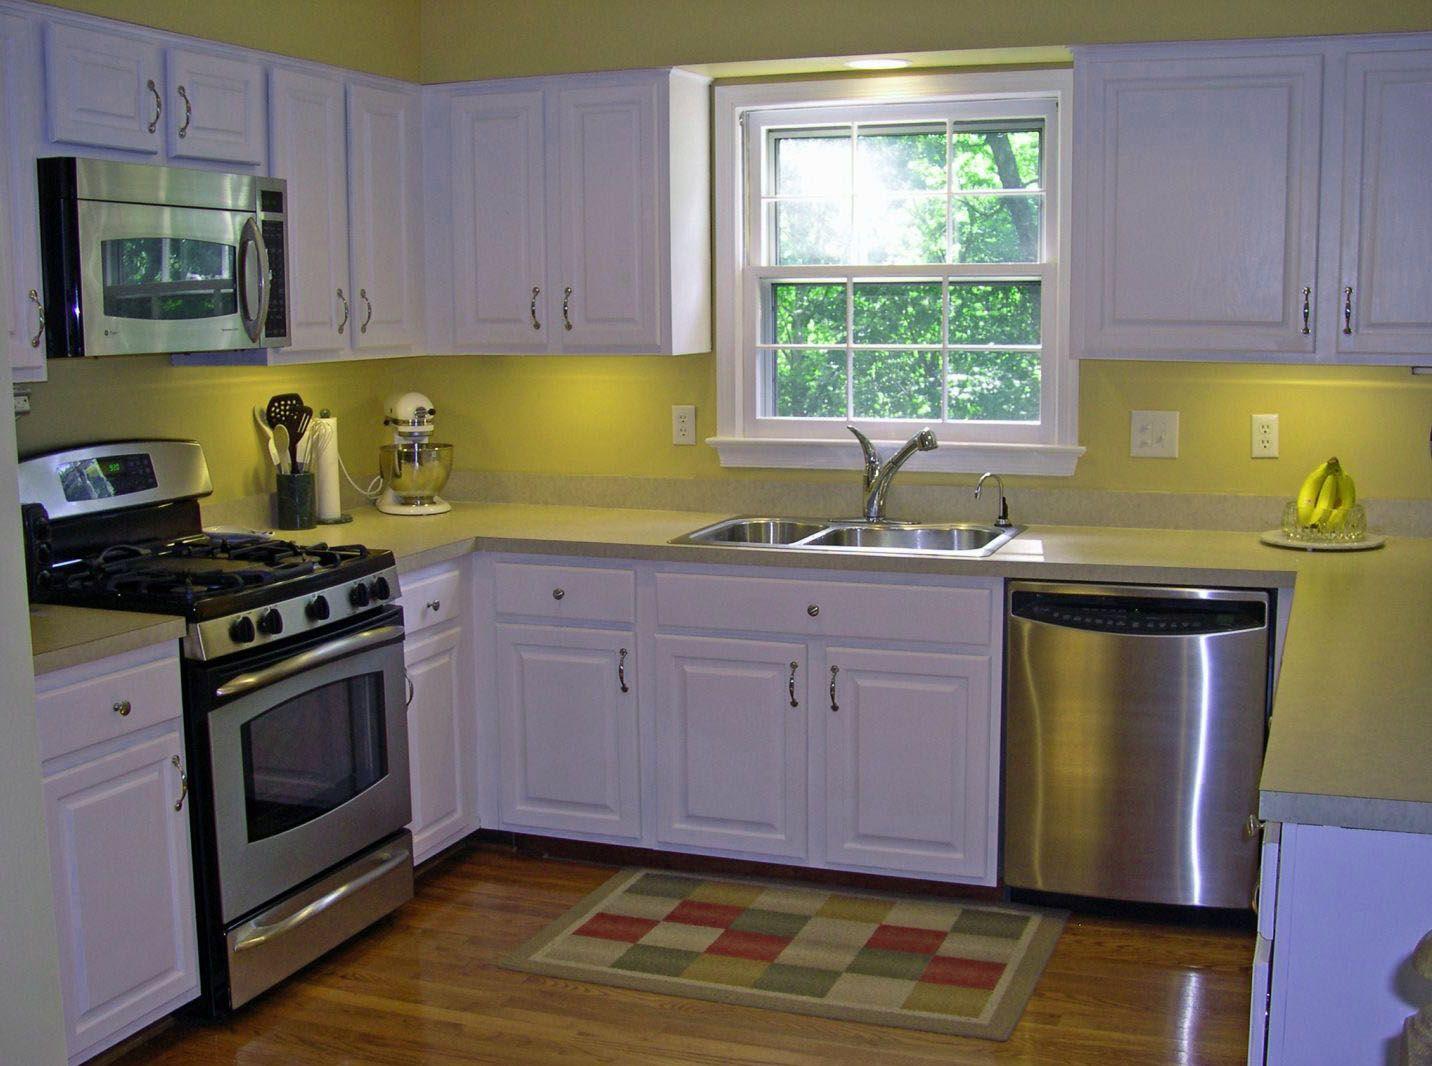 Dise os de cocinas modernas en espacios peque os por Modelos de cocinas modernas para espacios pequenos